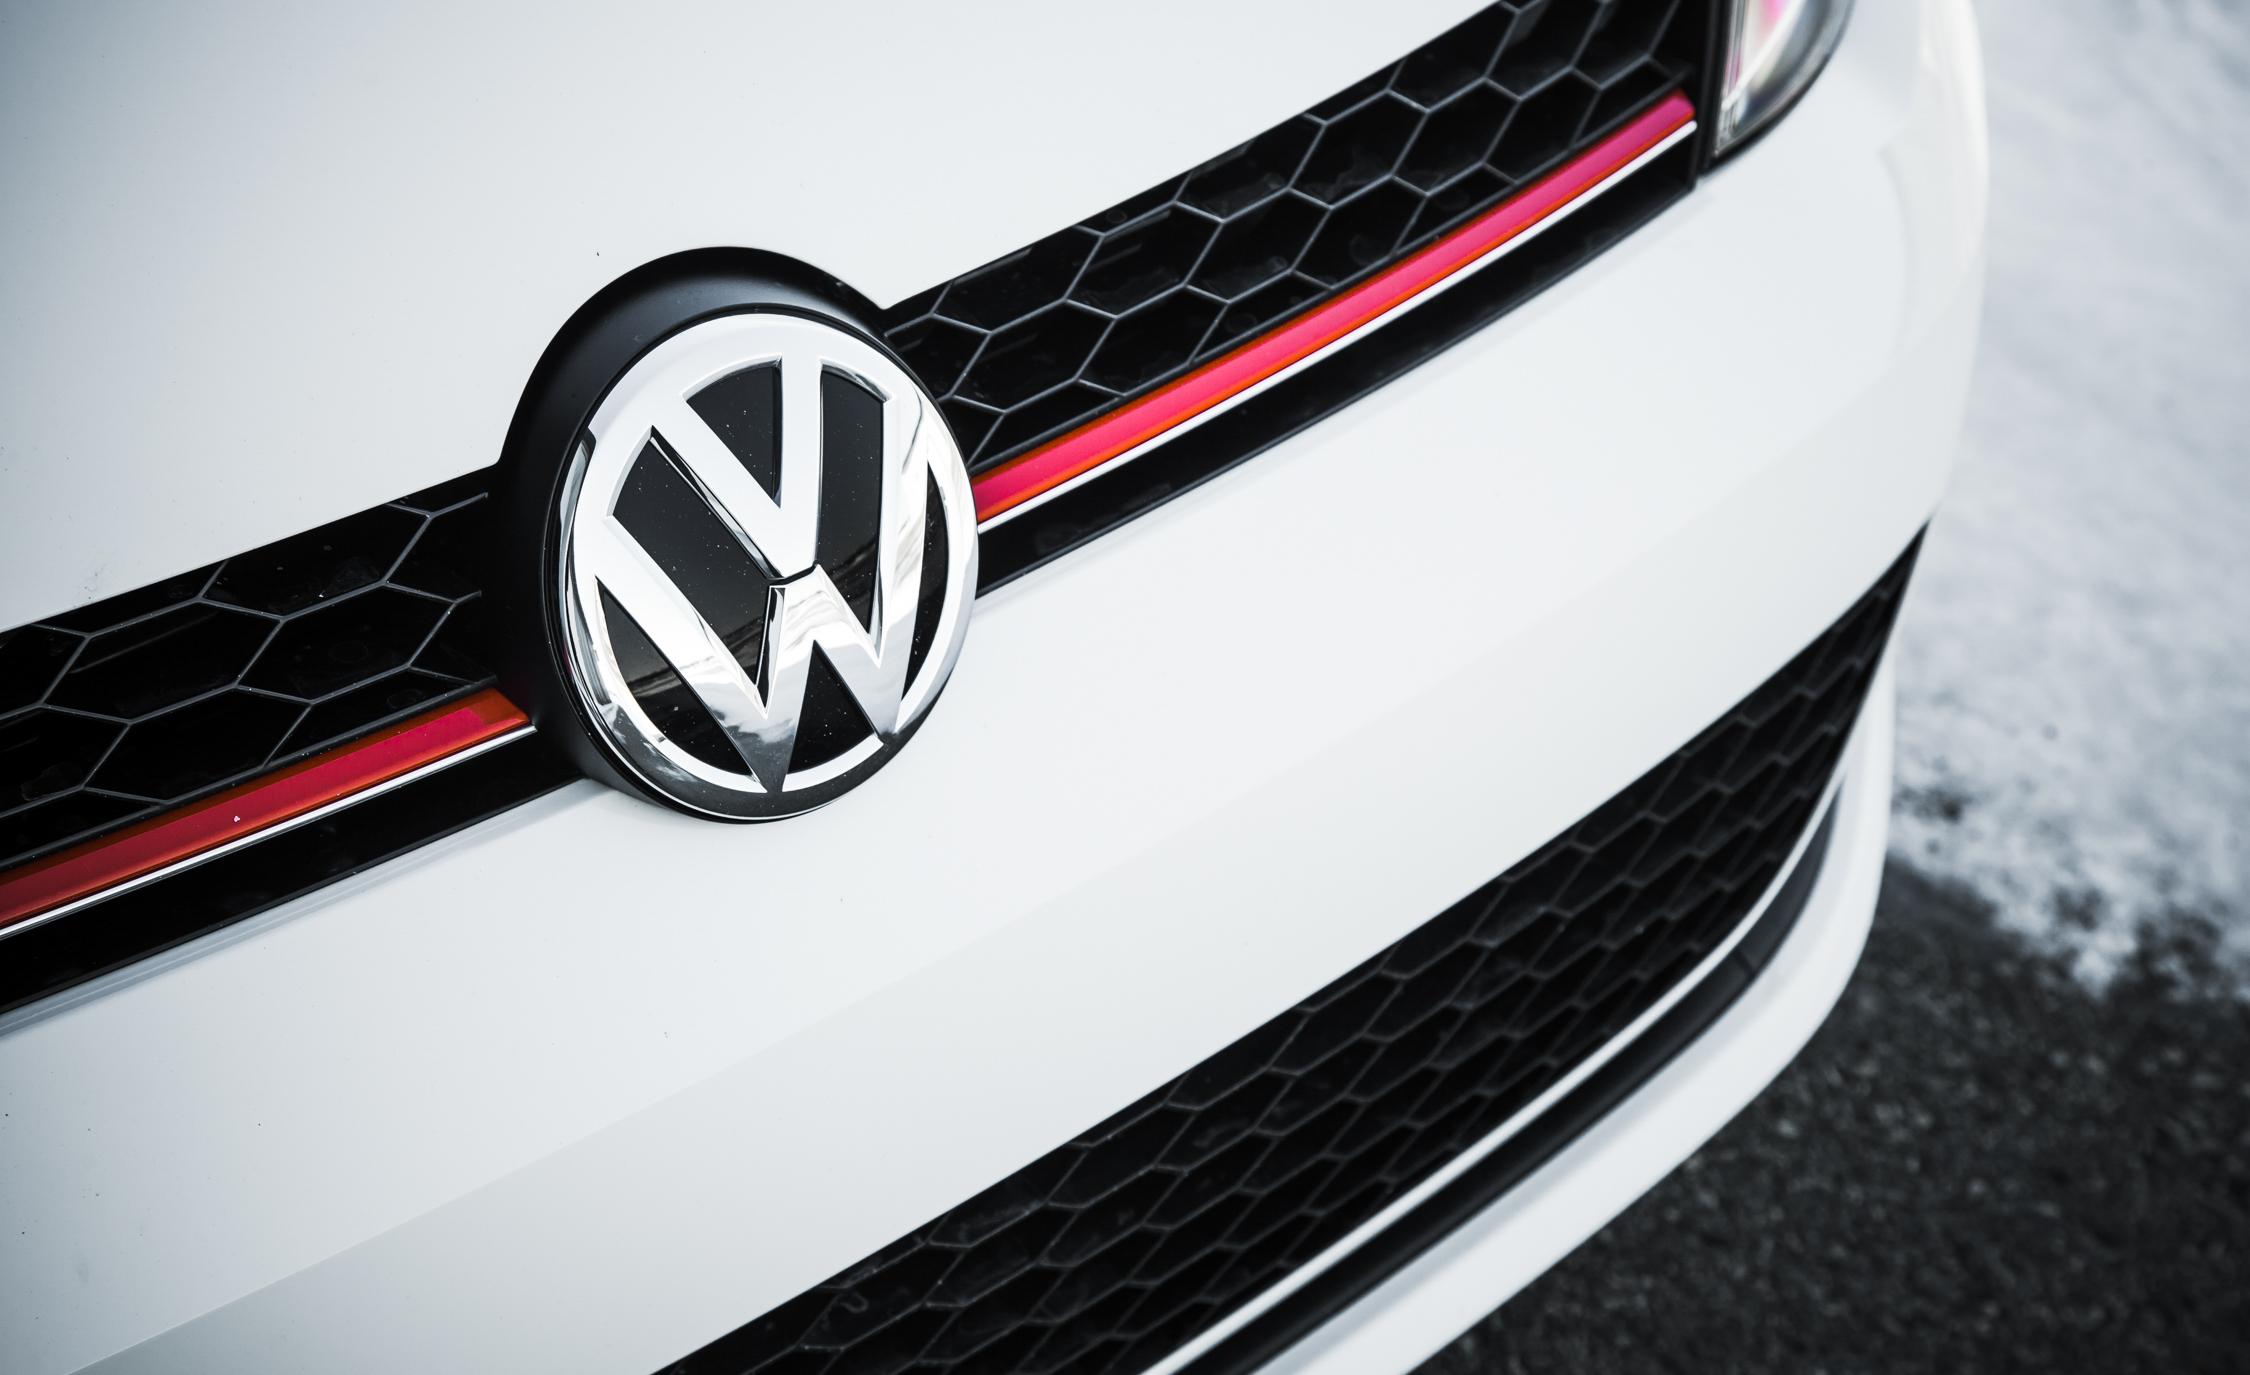 2015 Volkswagen GTI Exterior Grille